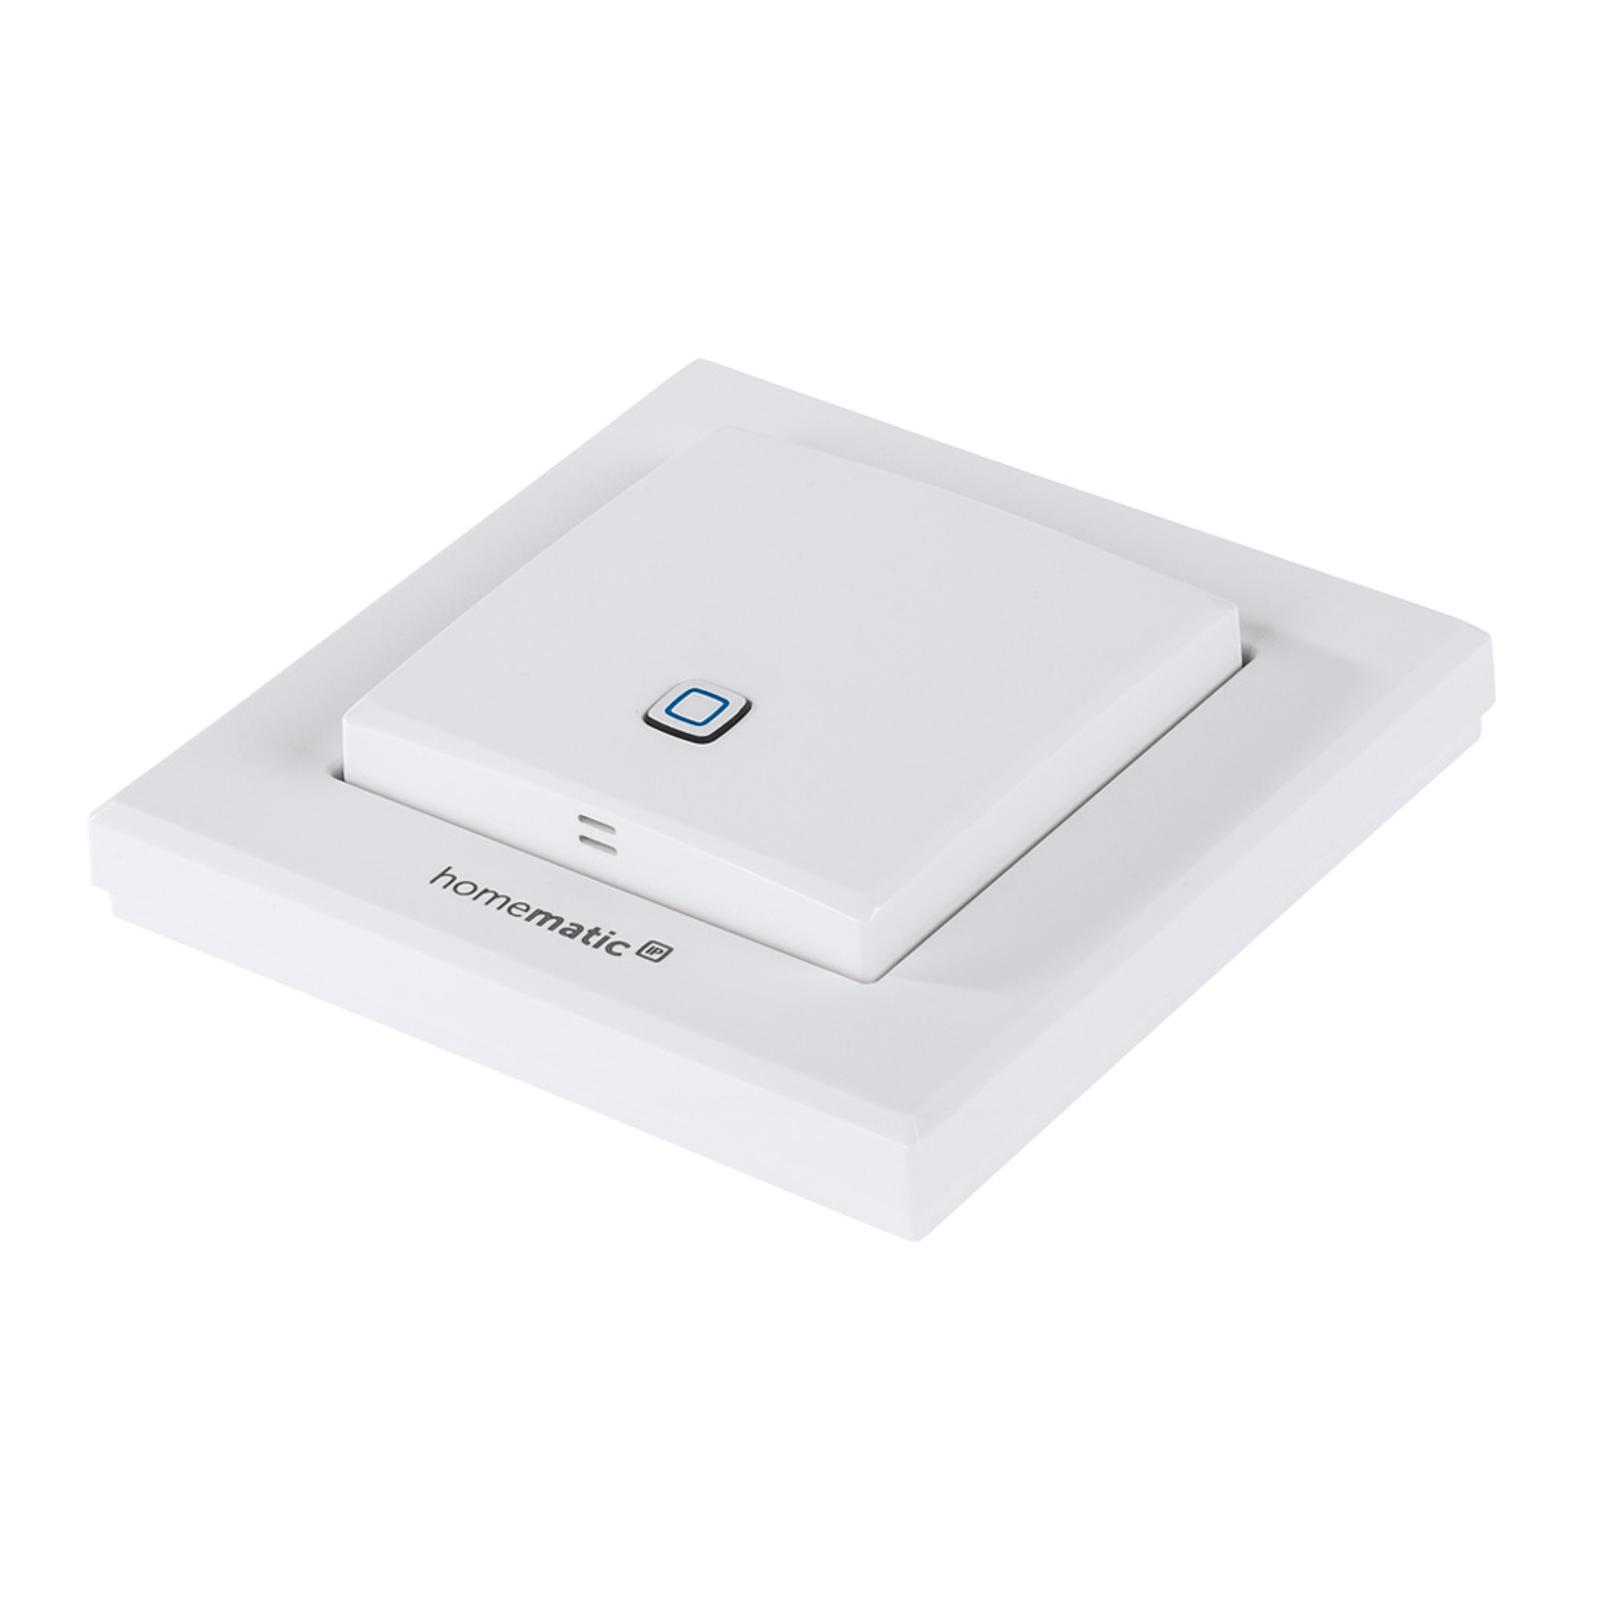 Homematic IP Temperatur-/Luftfeuchtesensor innen